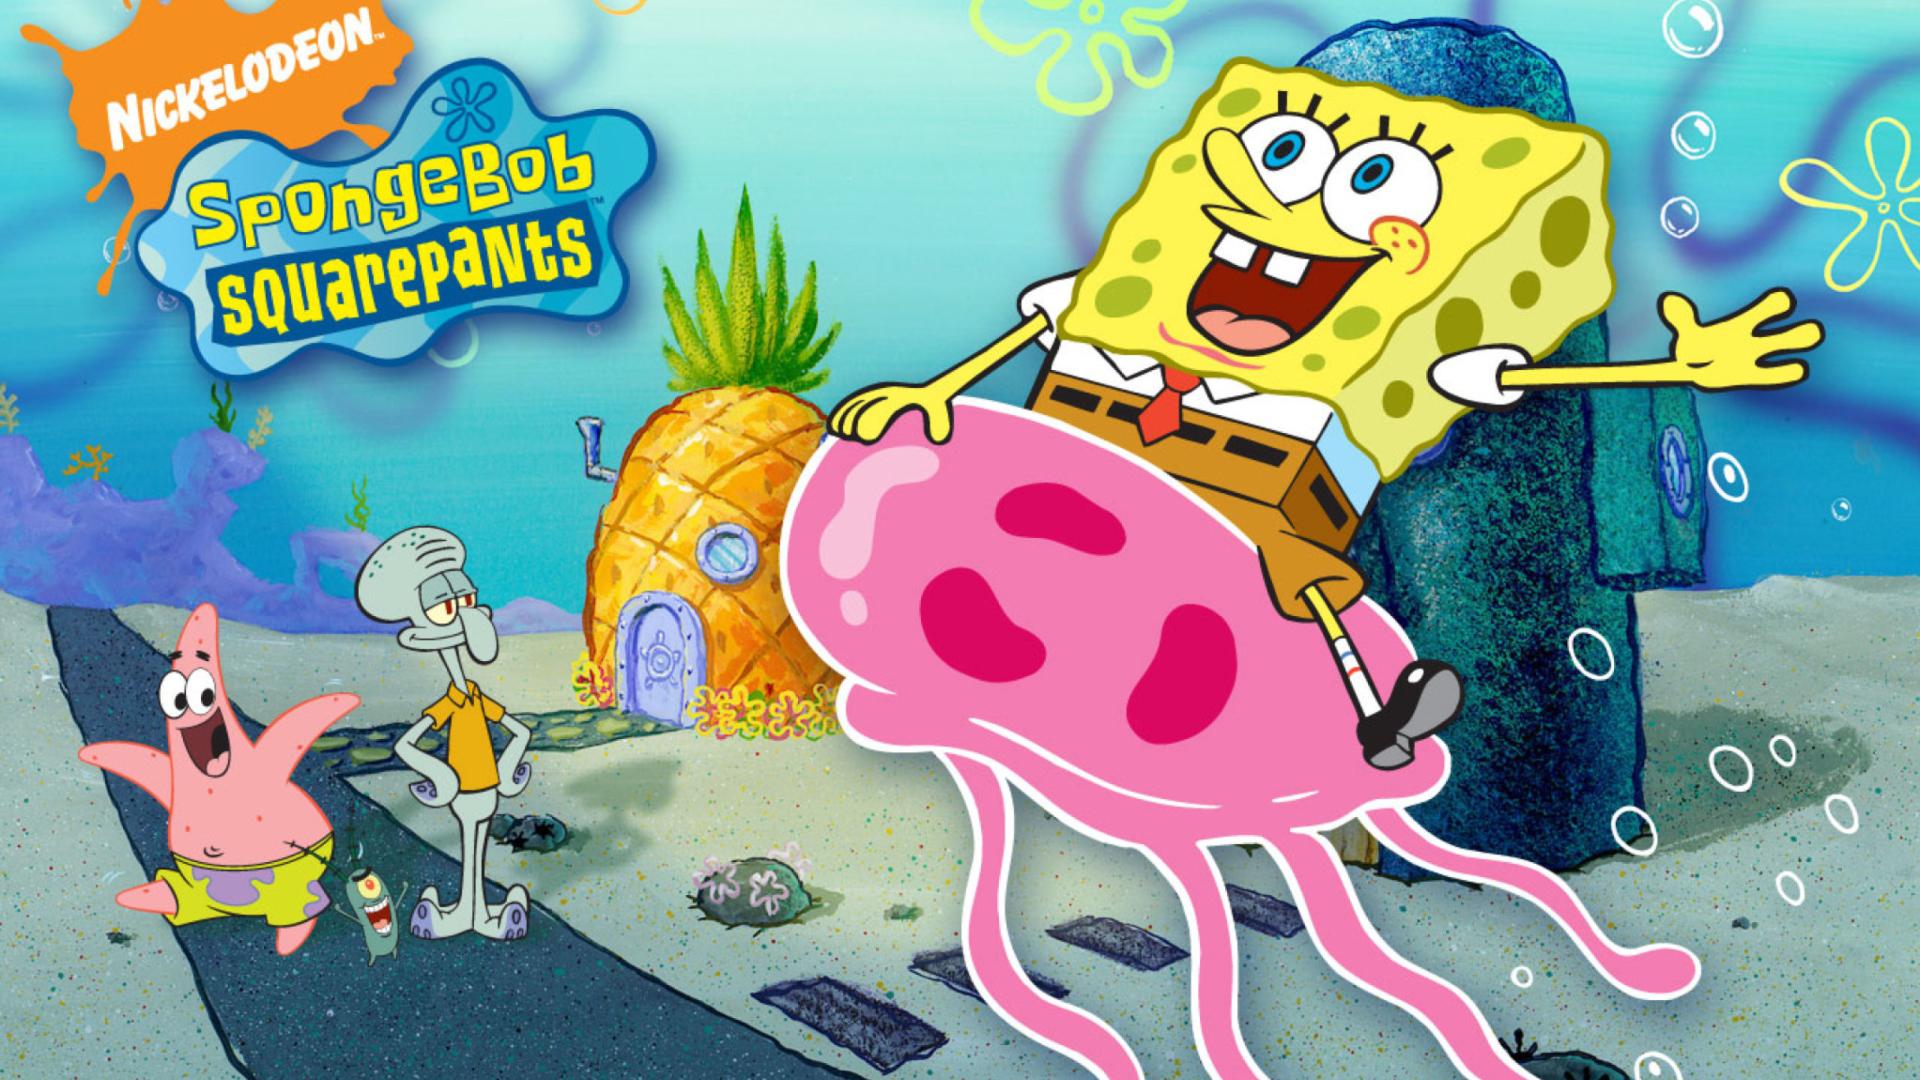 Nickelodeon Spongebob Squarepants Wallpaper for Desktop 1920x1080